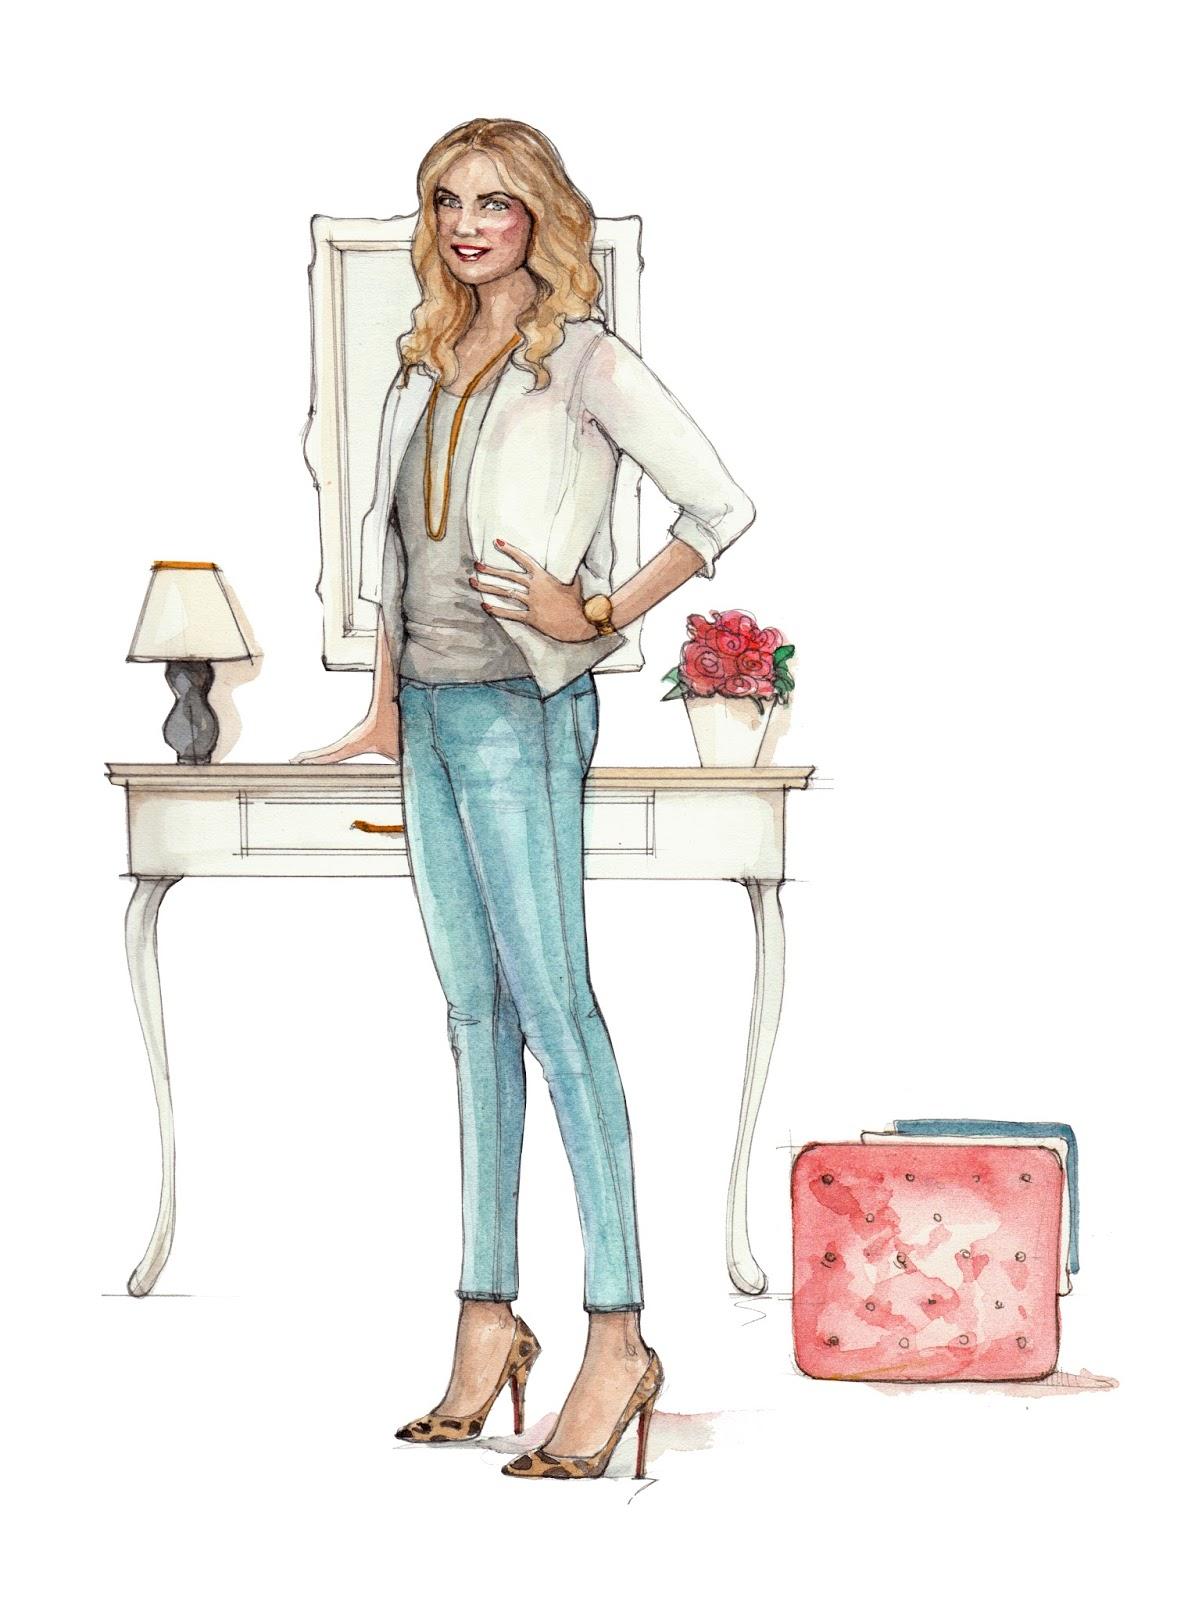 Dalry Rose Blog, UK fashion bloggers, UK lifestyle blog